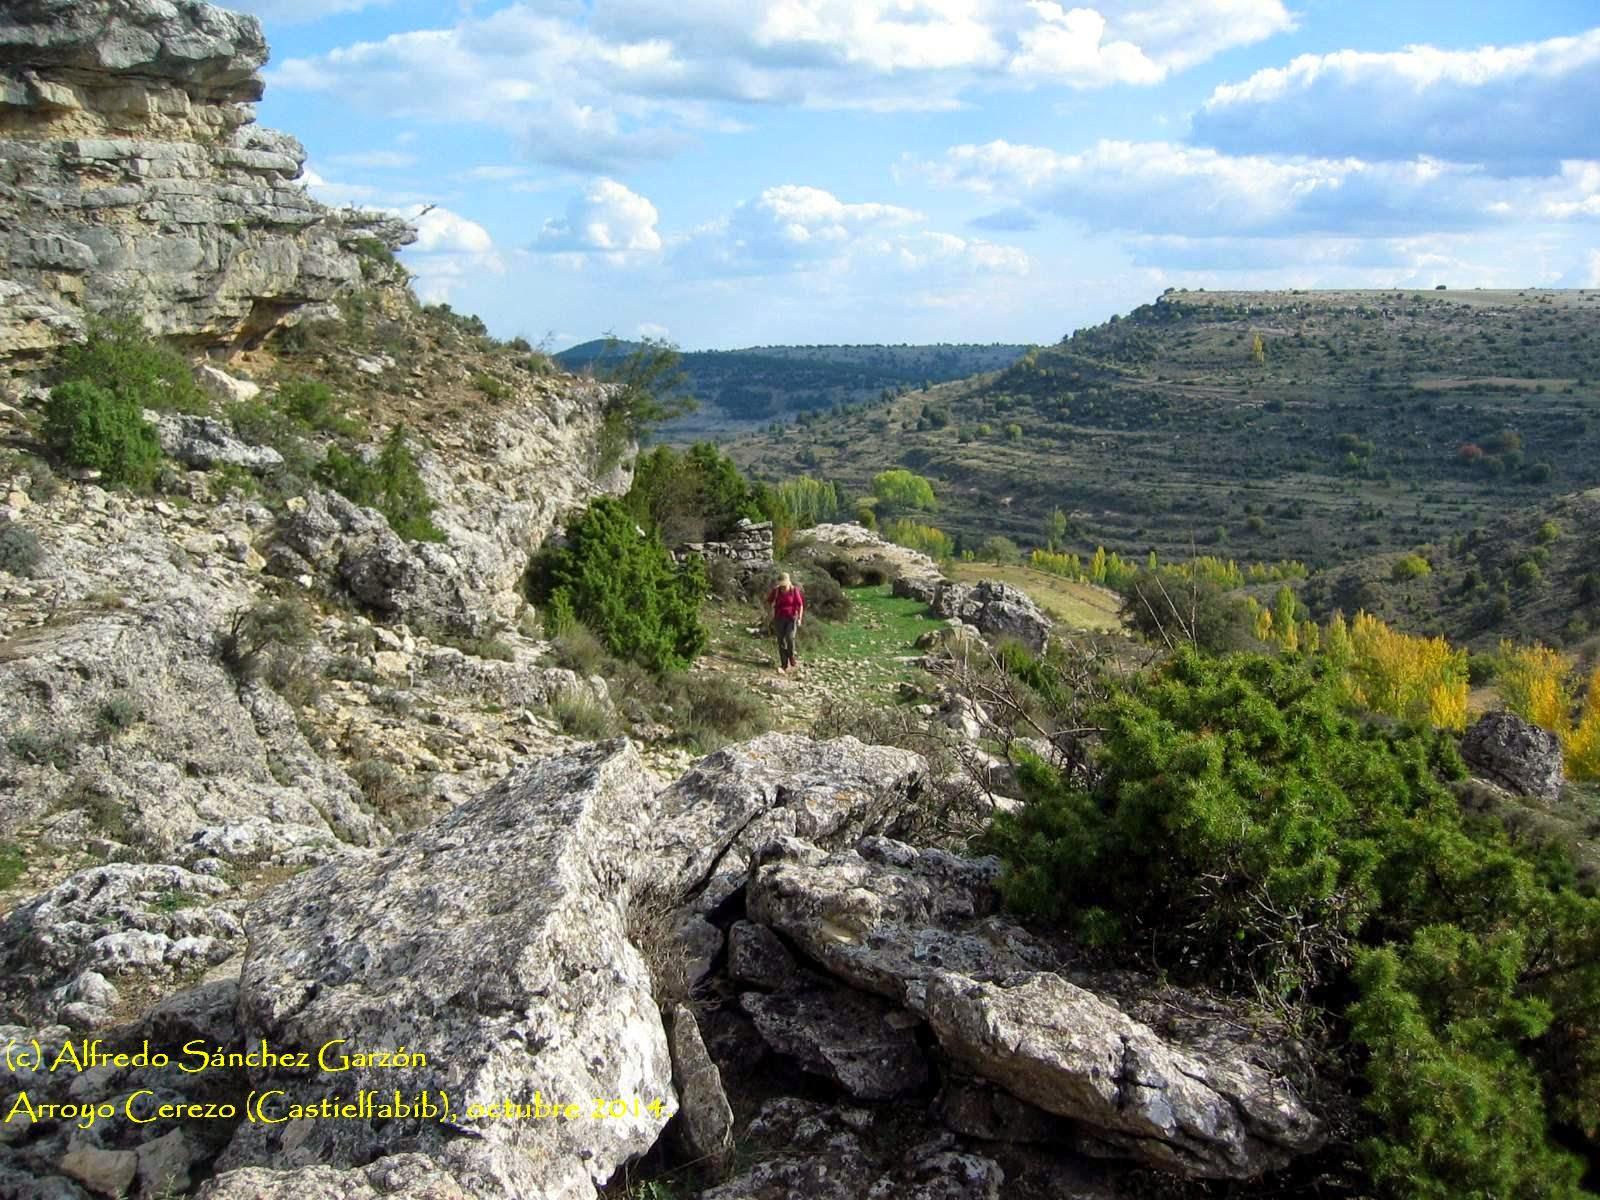 arroyo-cerezo-fuente-abrevador-tres-reinos